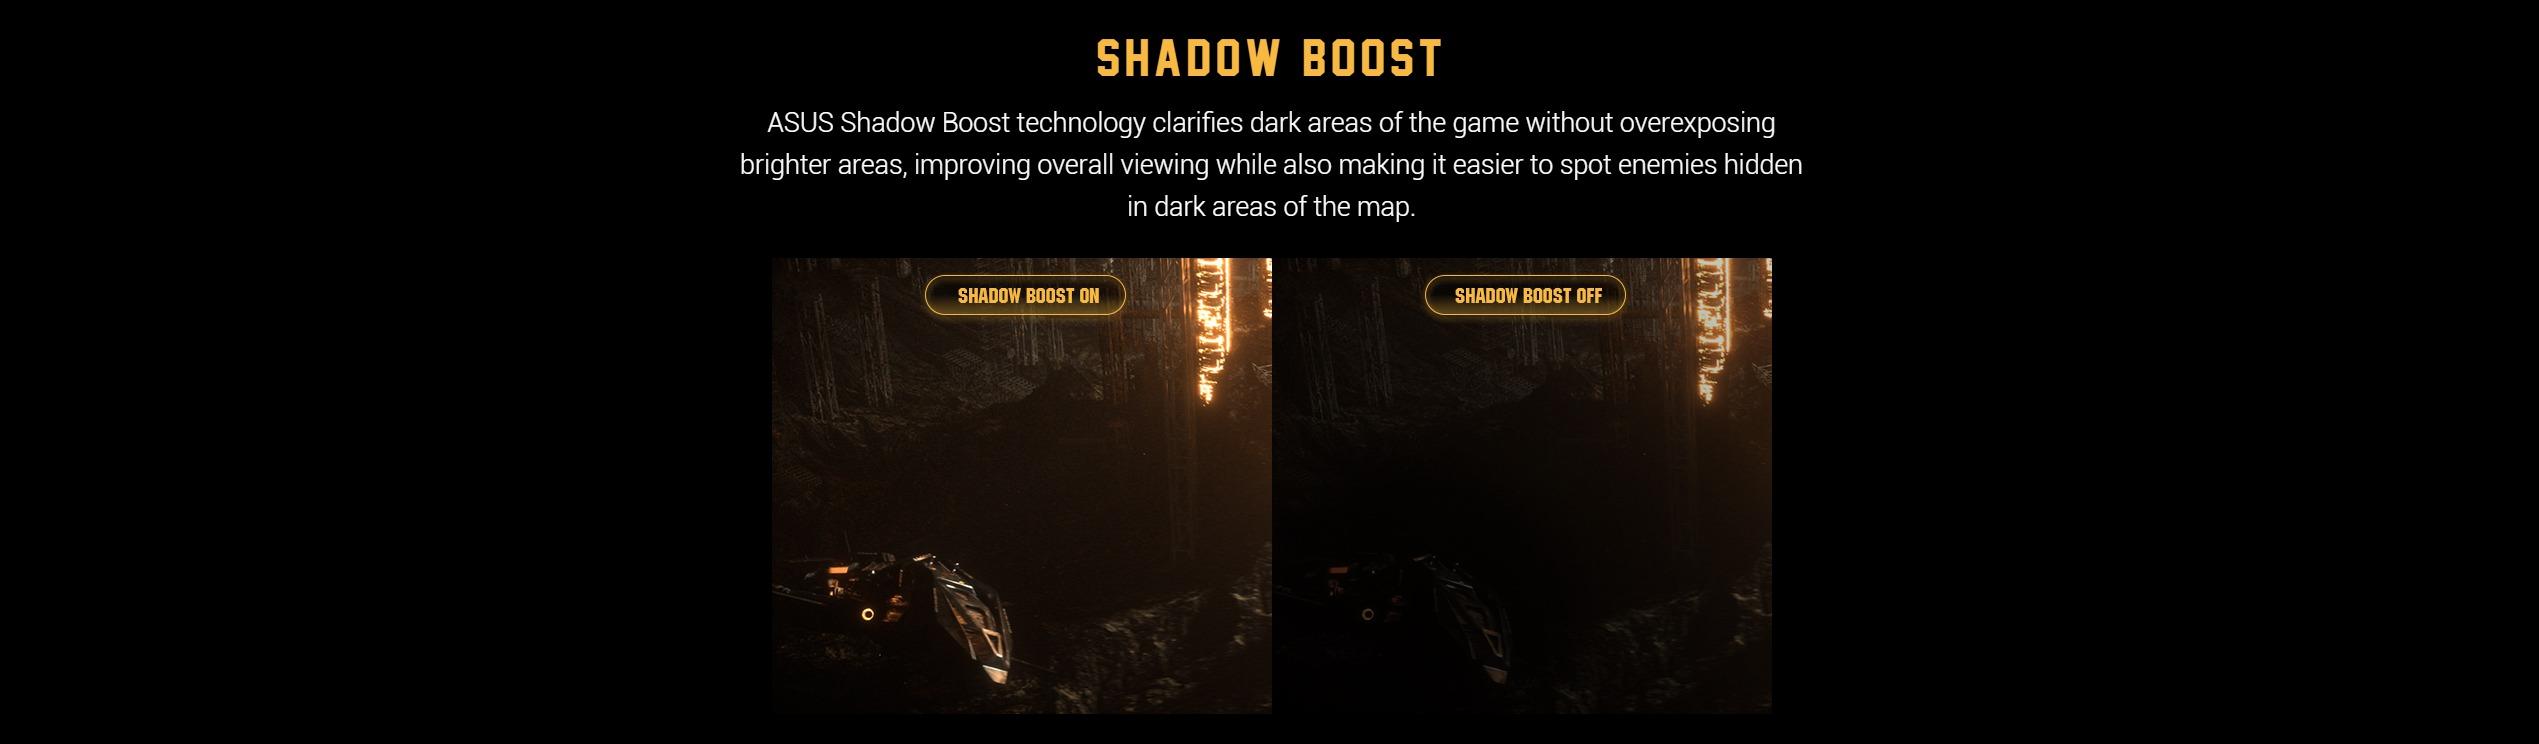 Màn hình ASUS TUF Gaming VG27VQ nâng vùng tối